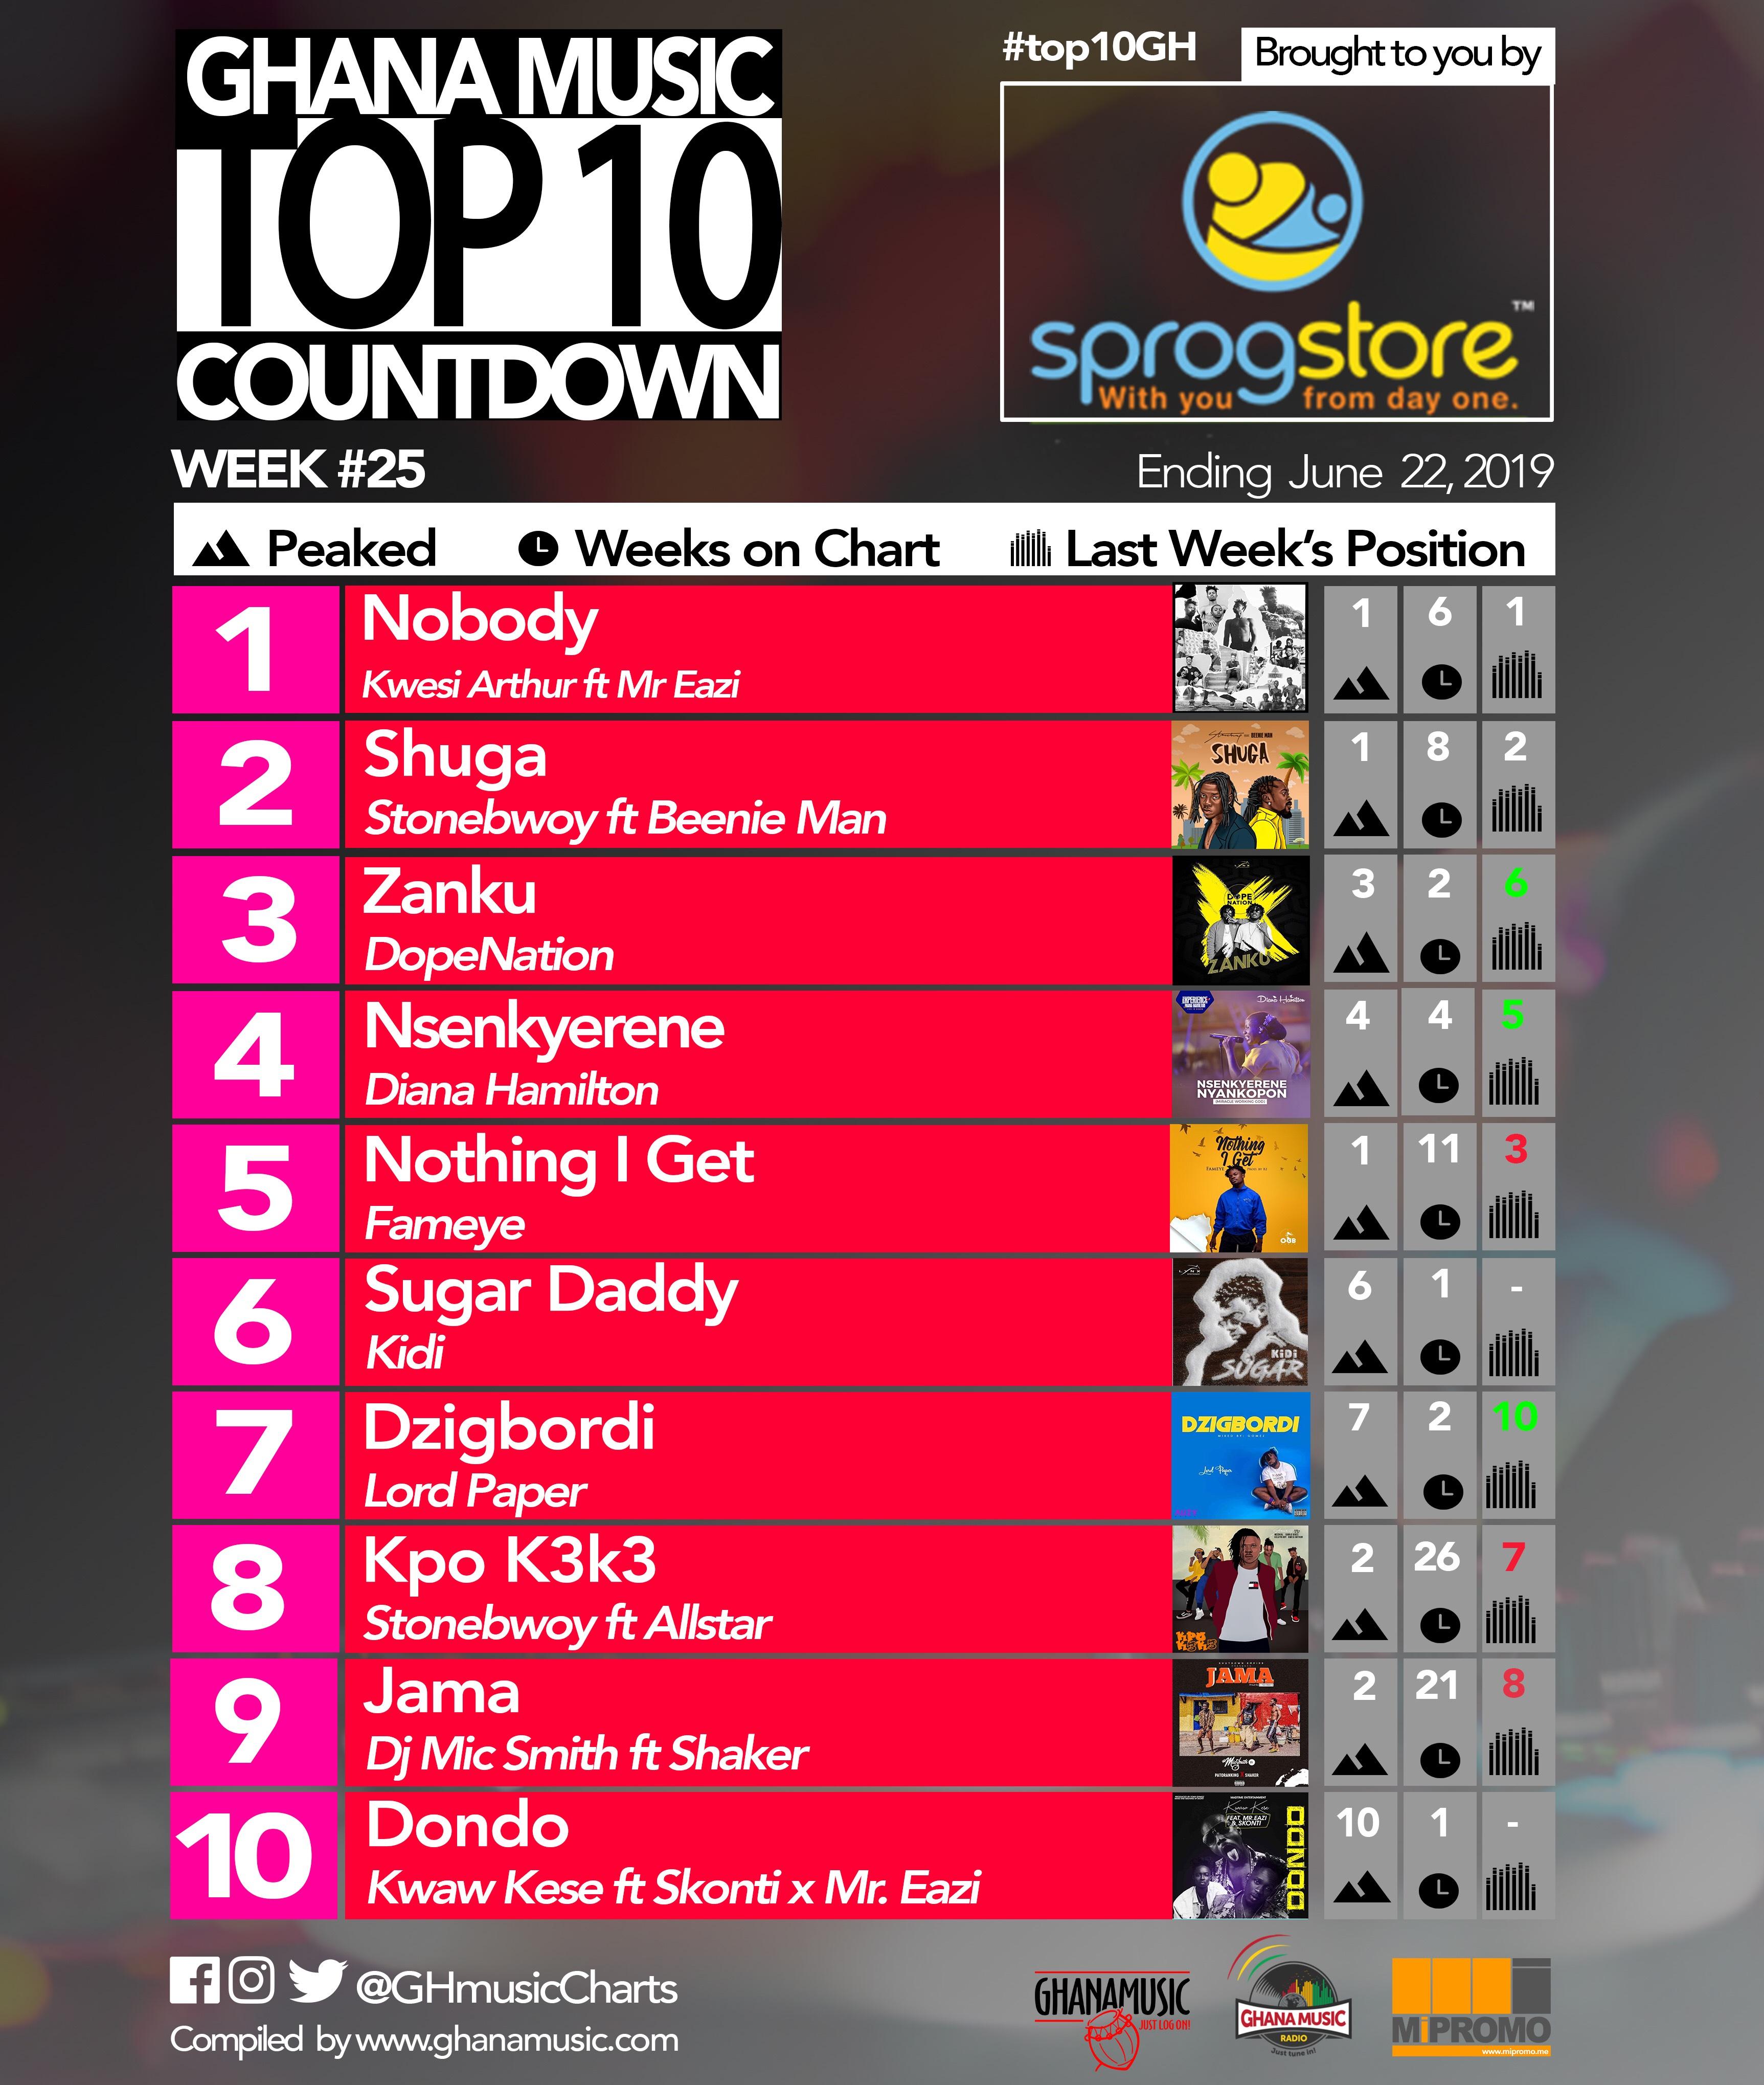 2019 Week 25: Ghana Music Top 10 Countdown